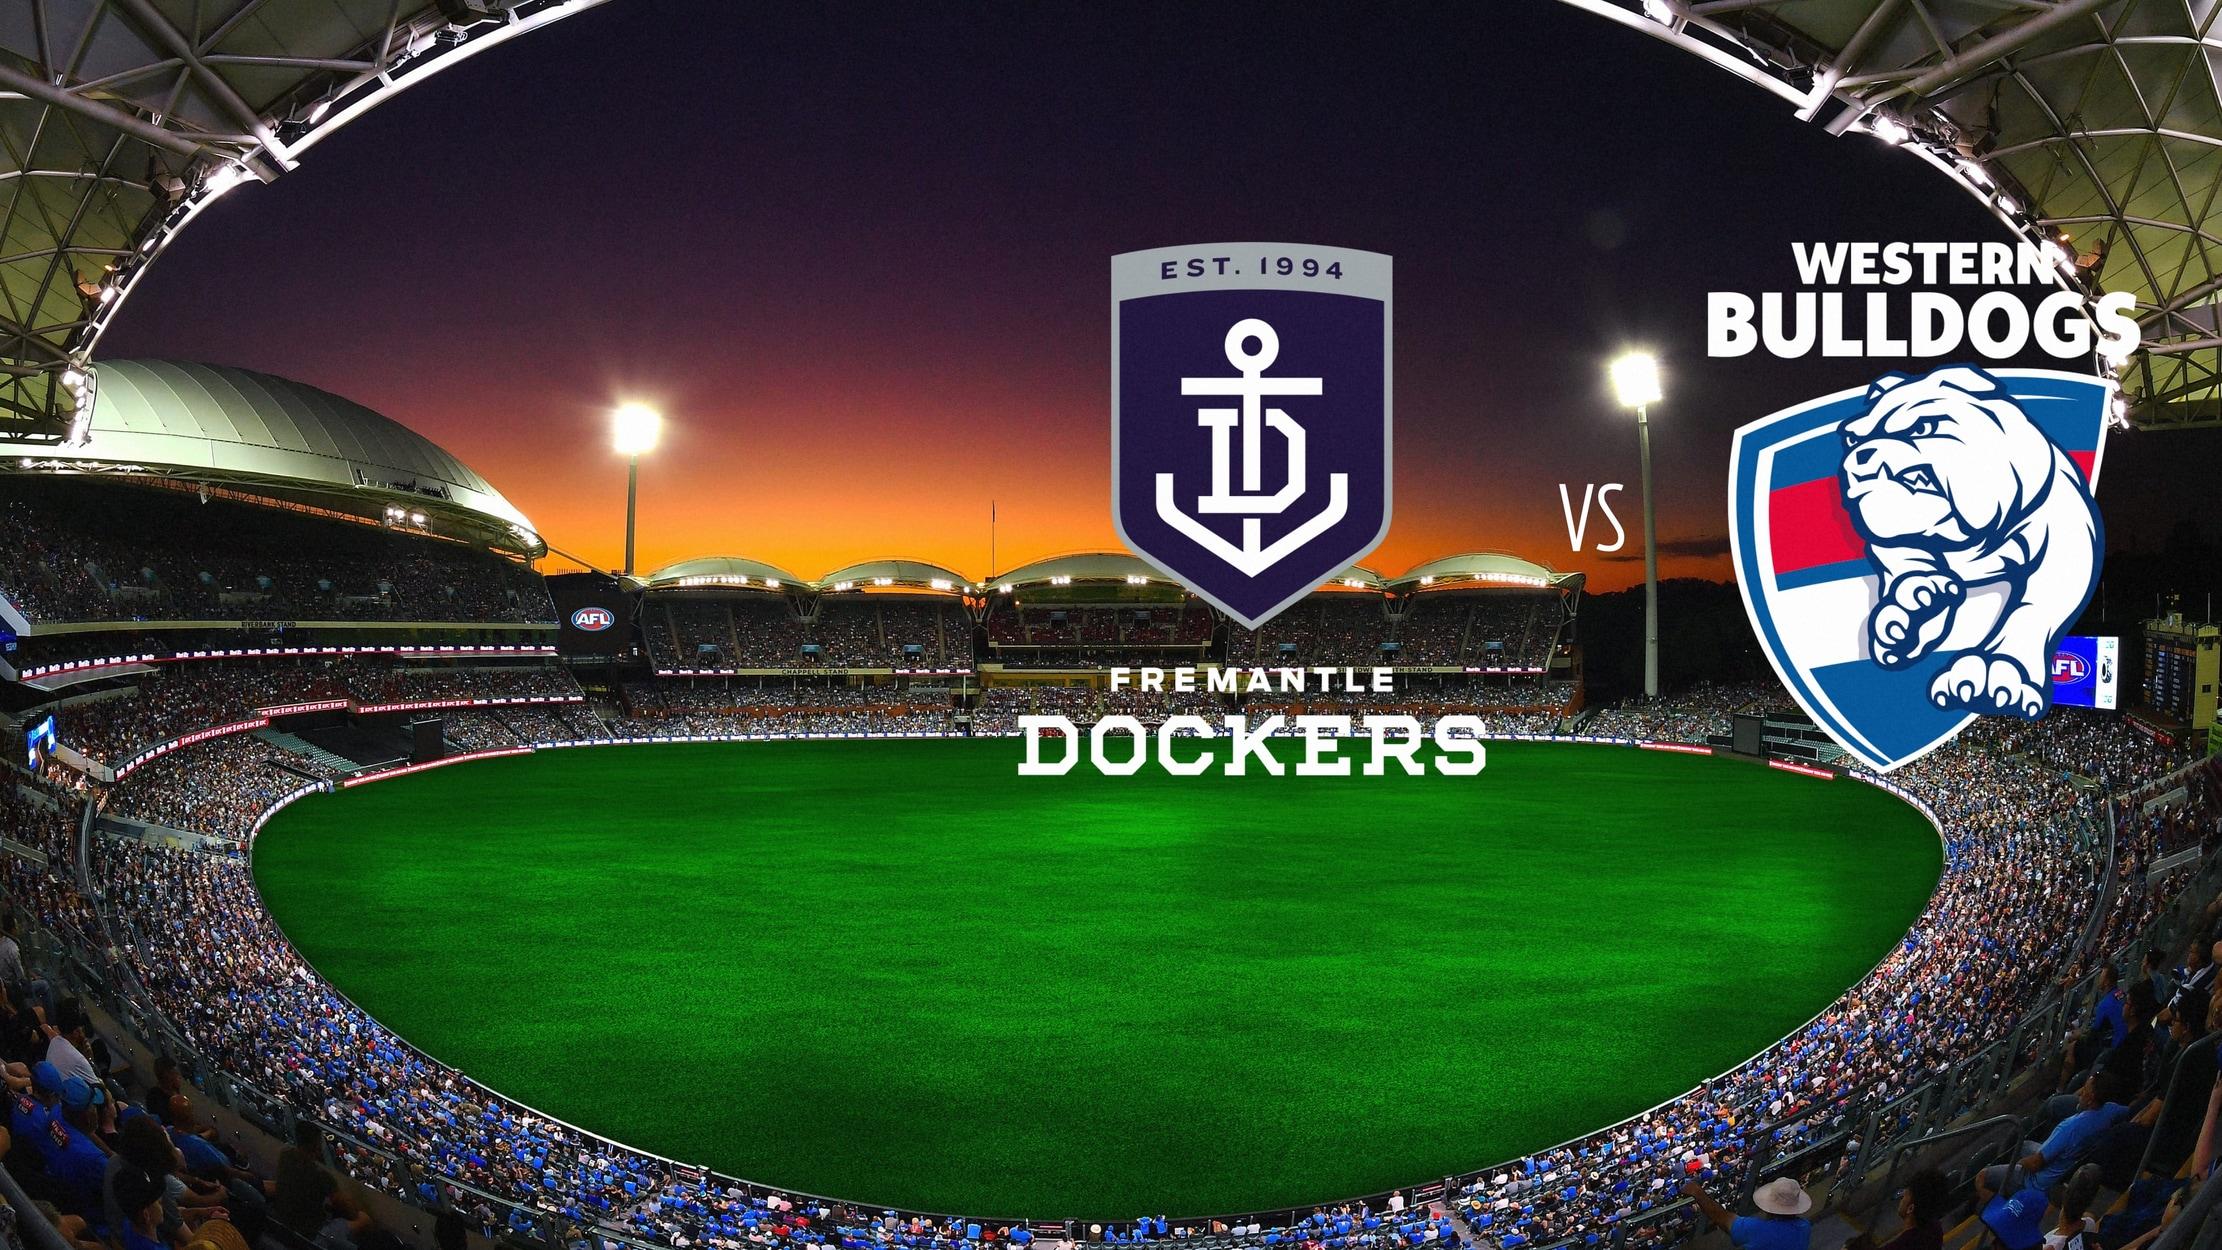 AFL Premiership Football - Fremantle Dockers vs. Western Bulldogs seriesDetail